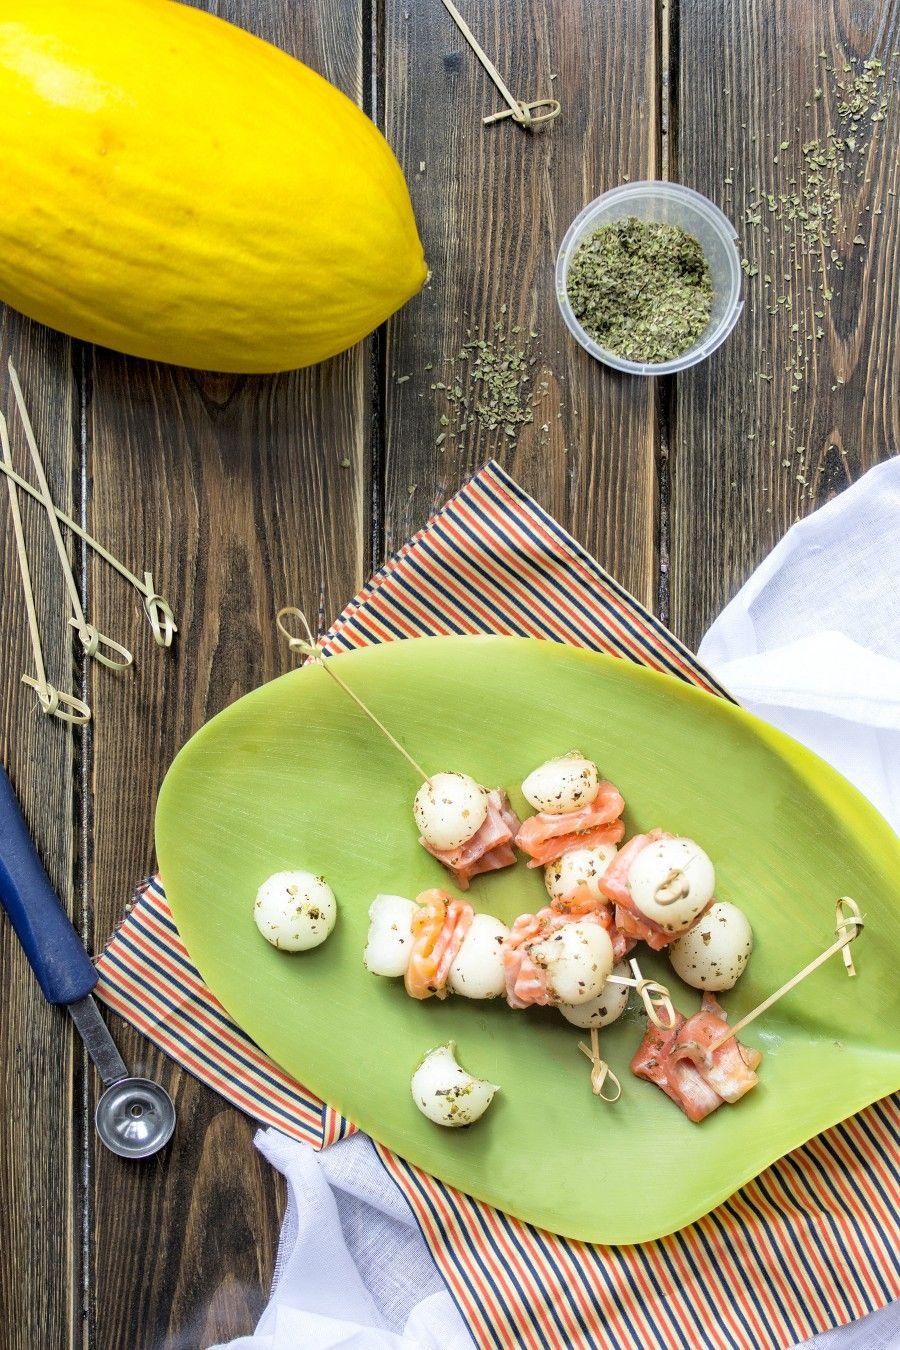 carpaccio-salmone-e-melone-bianco-antipasto-5-contemporaneo-food